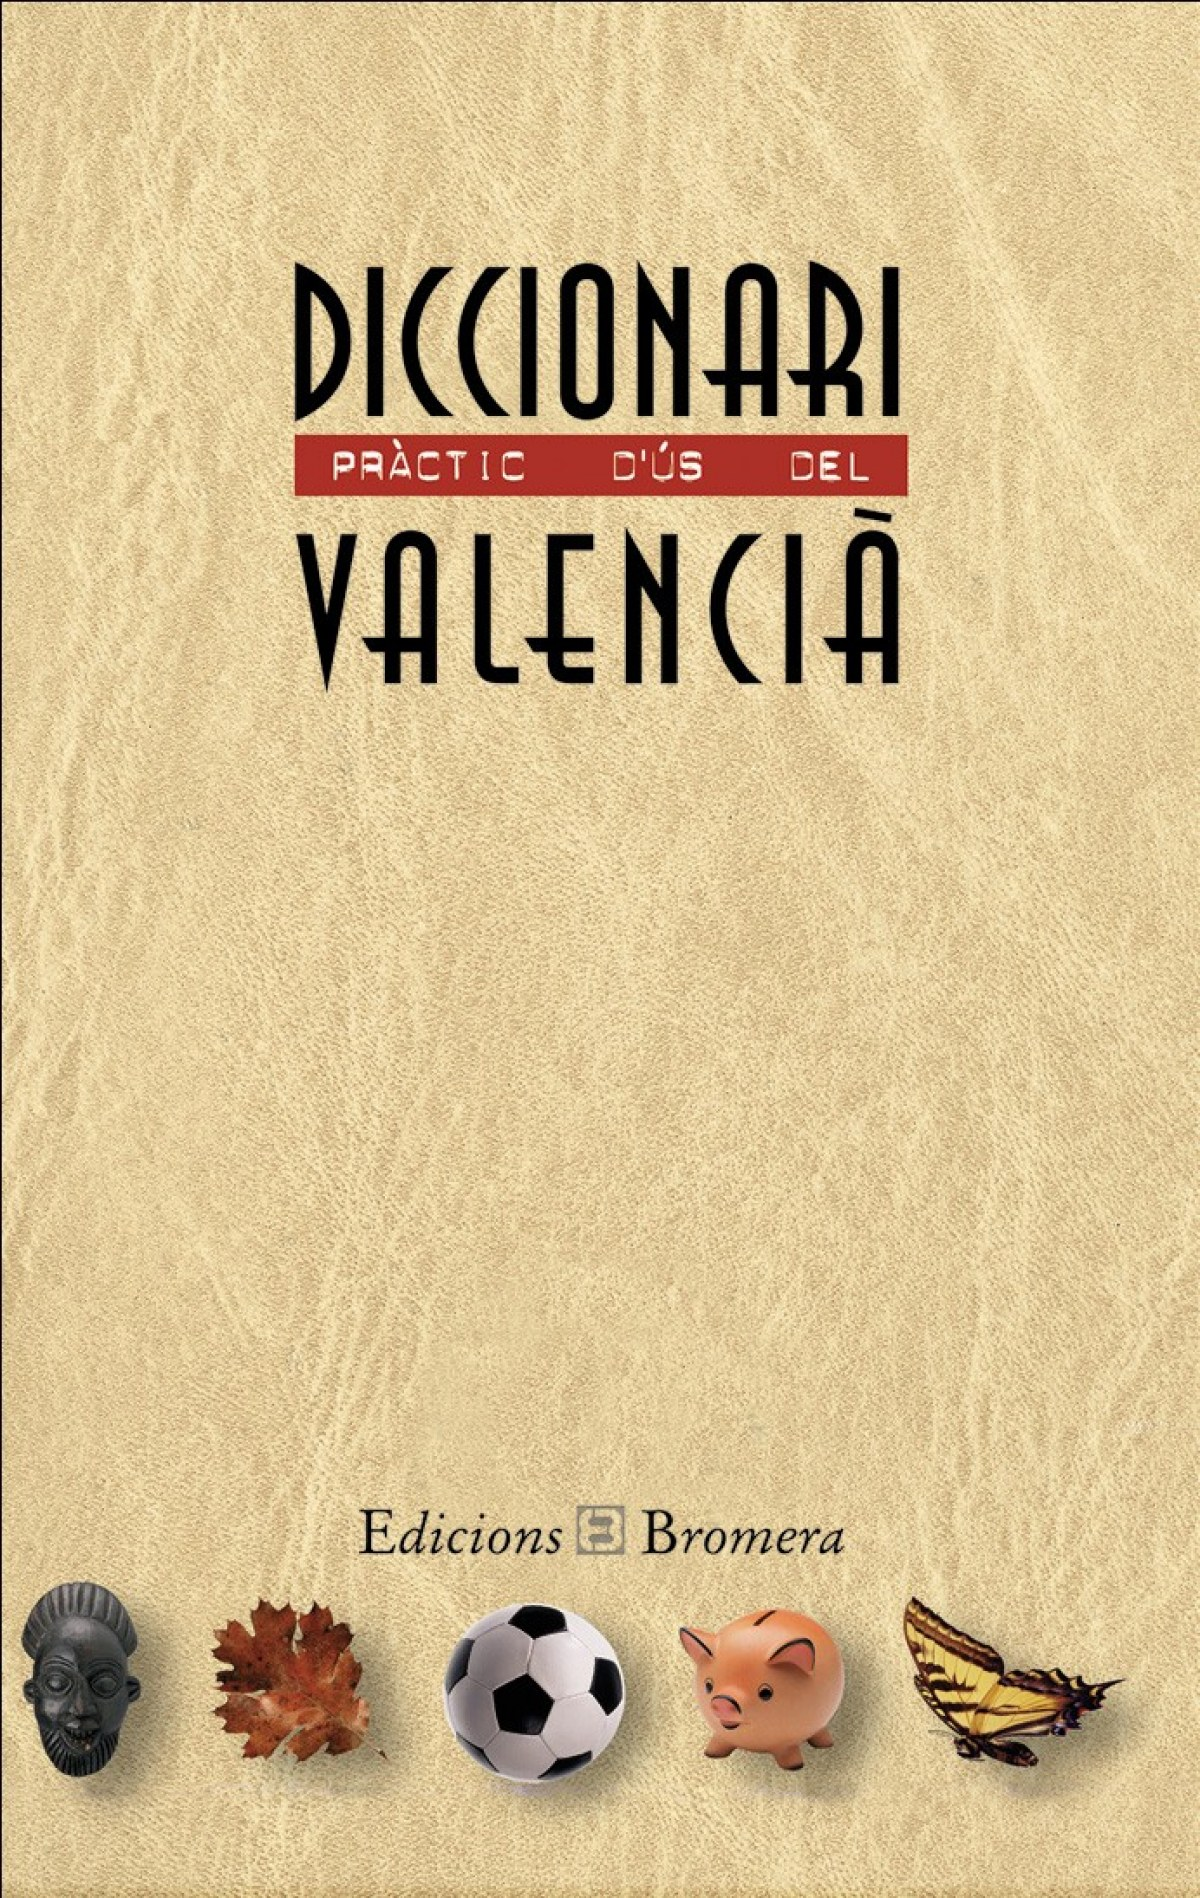 Diccionari pràctic d´ús del valencià 9788476604014